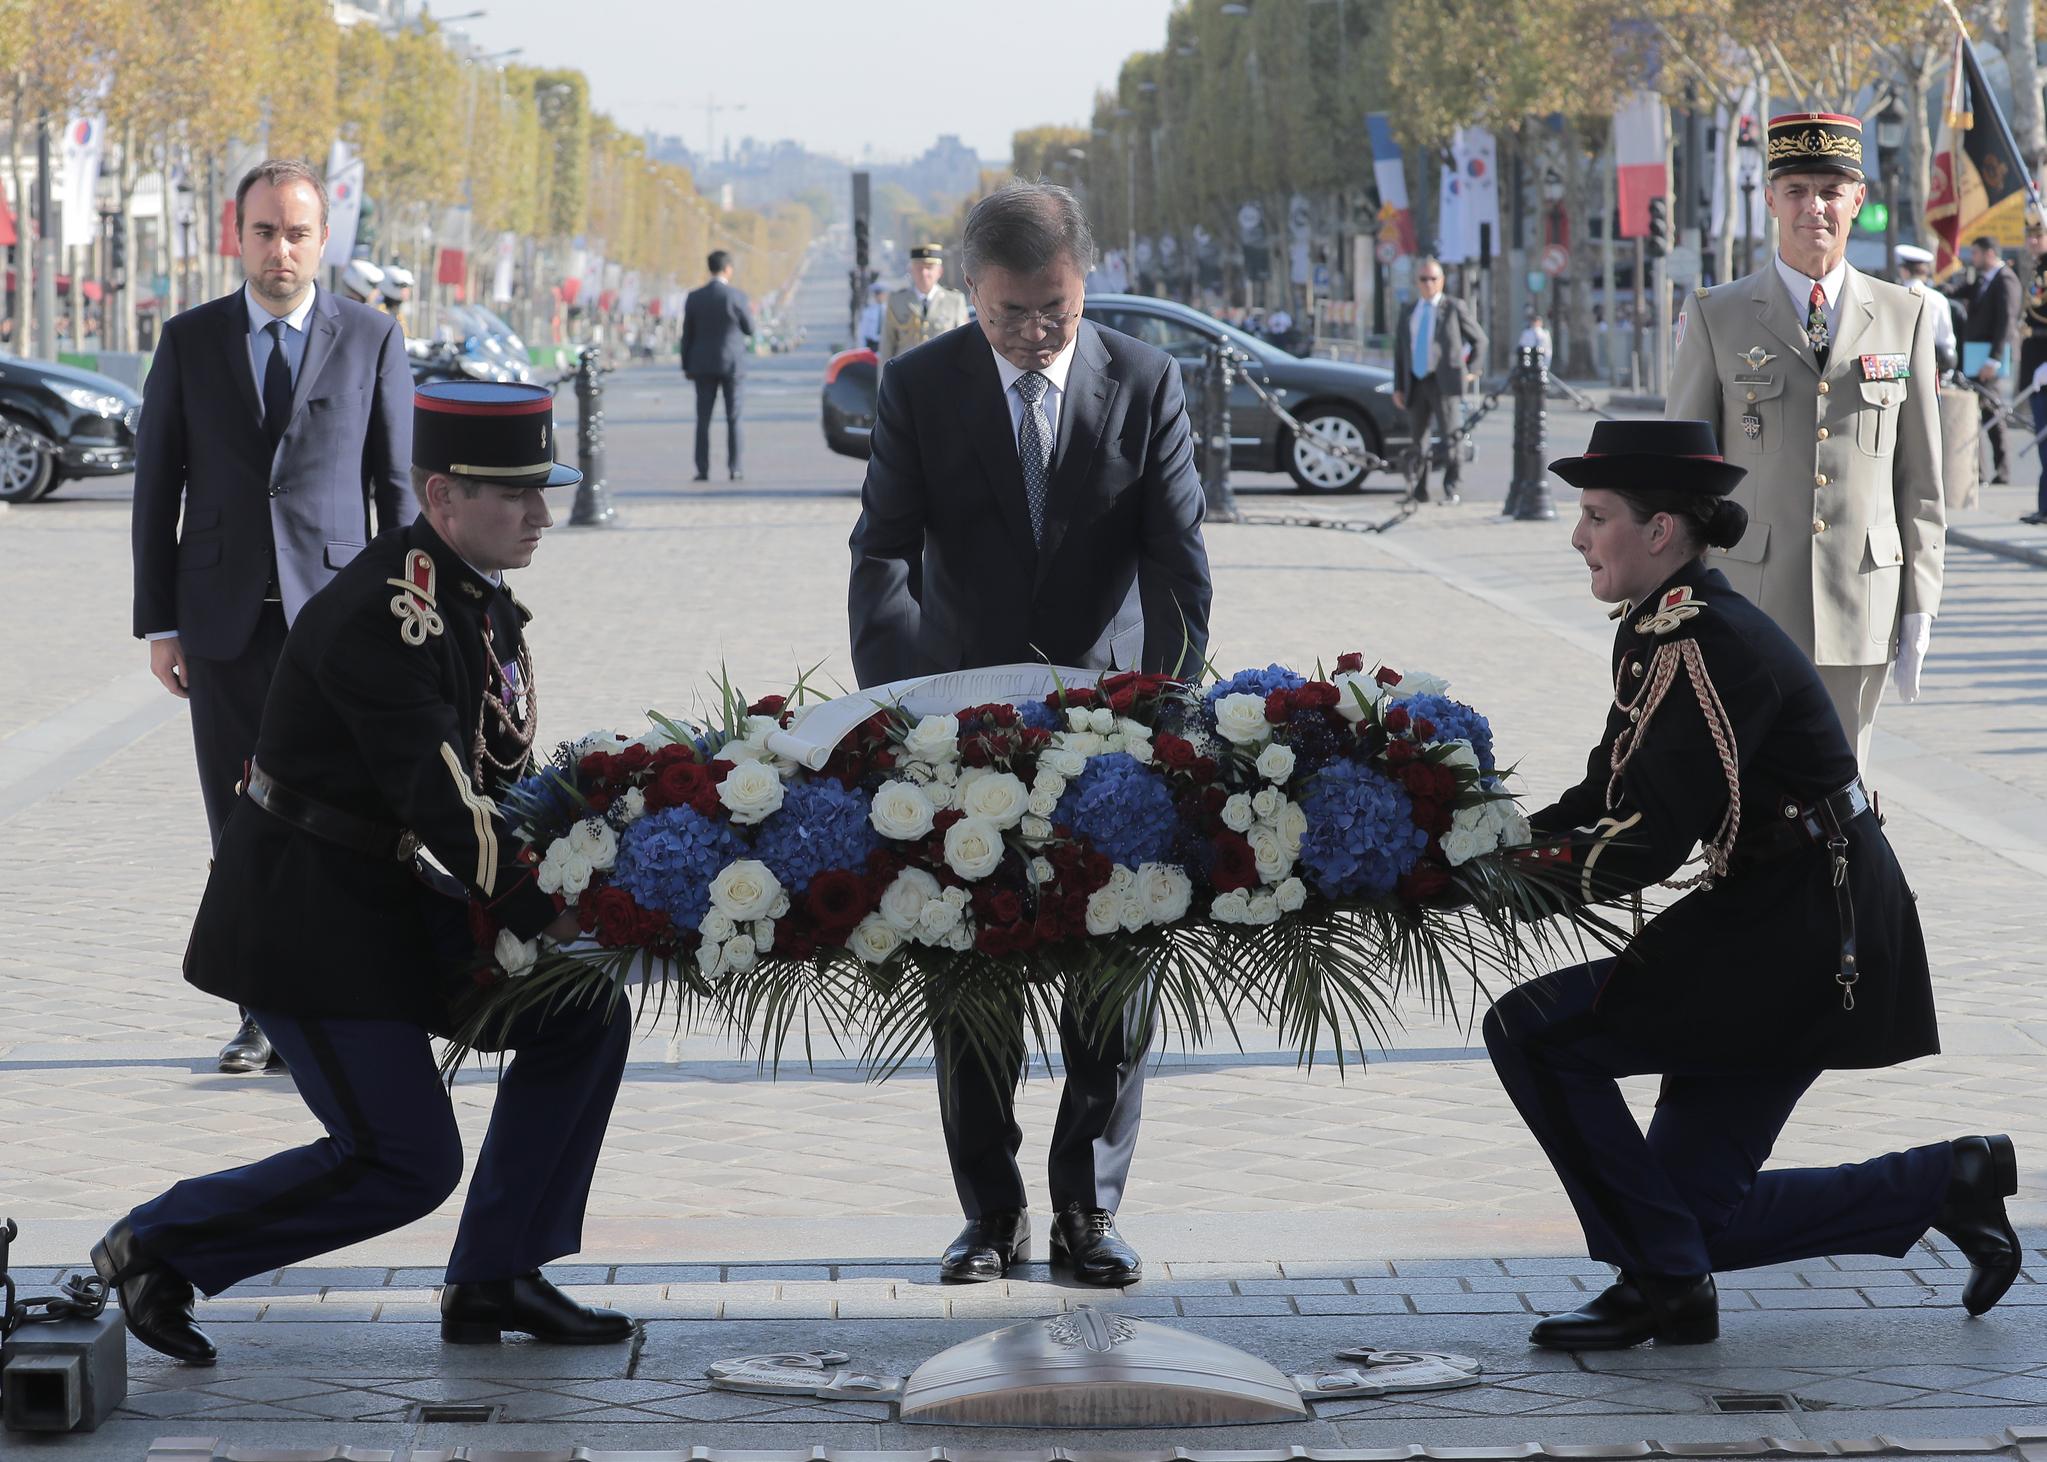 프랑스서 6·25 참전용사 만난 문 대통령…희생 가슴에 살아있다